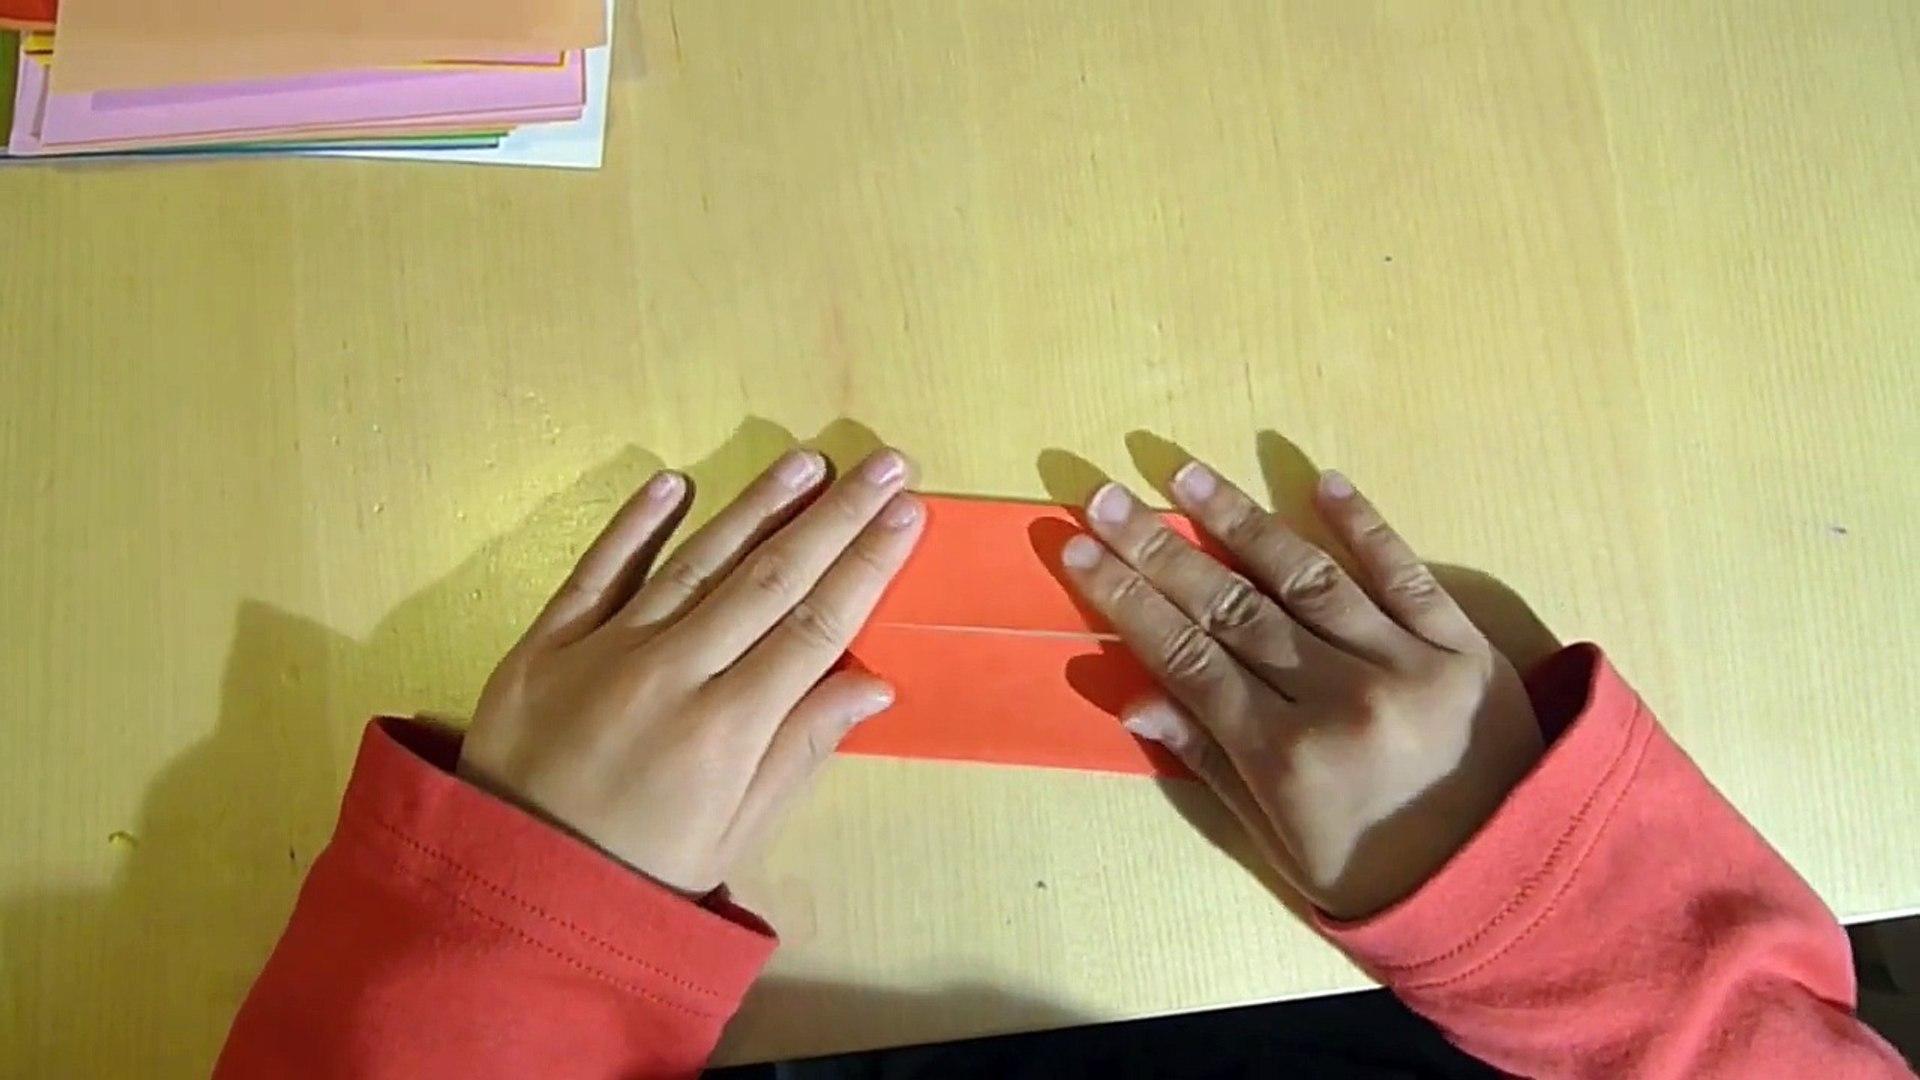 Lang R.J.-Origami Design Secrets, 2nd ed - Pobierz pdf z Docer.pl | 1080x1920